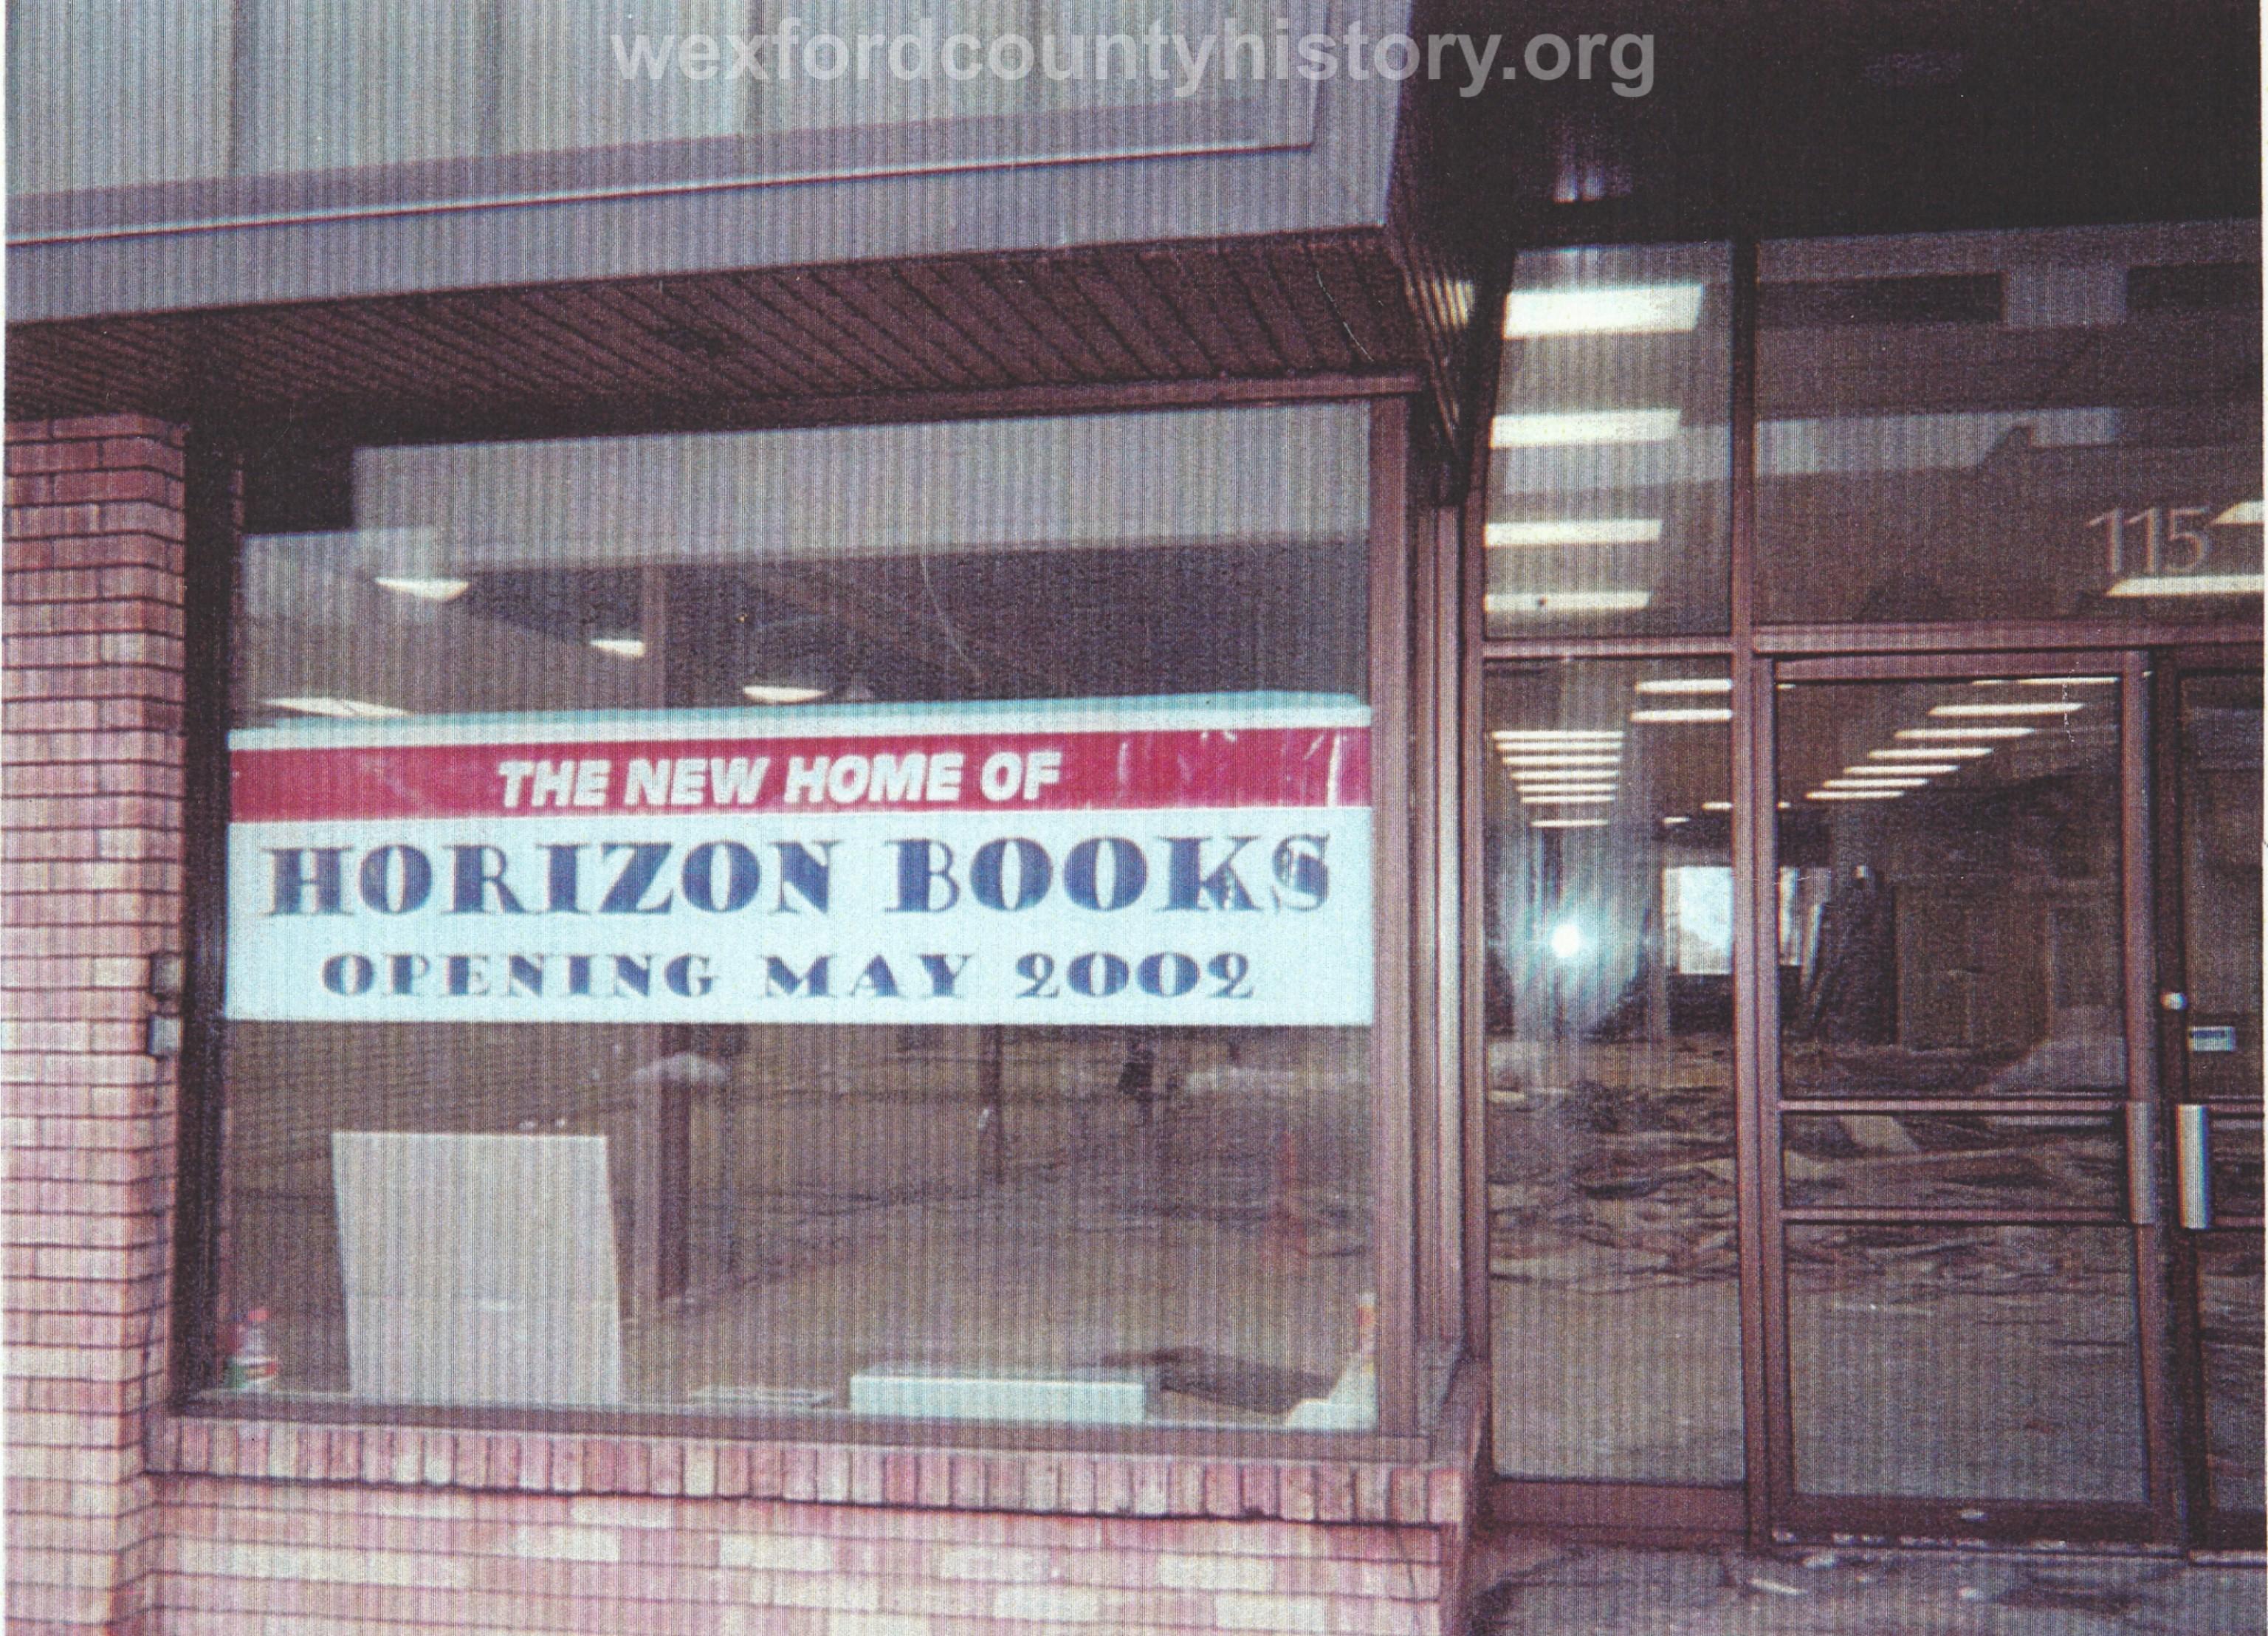 Horizon Books